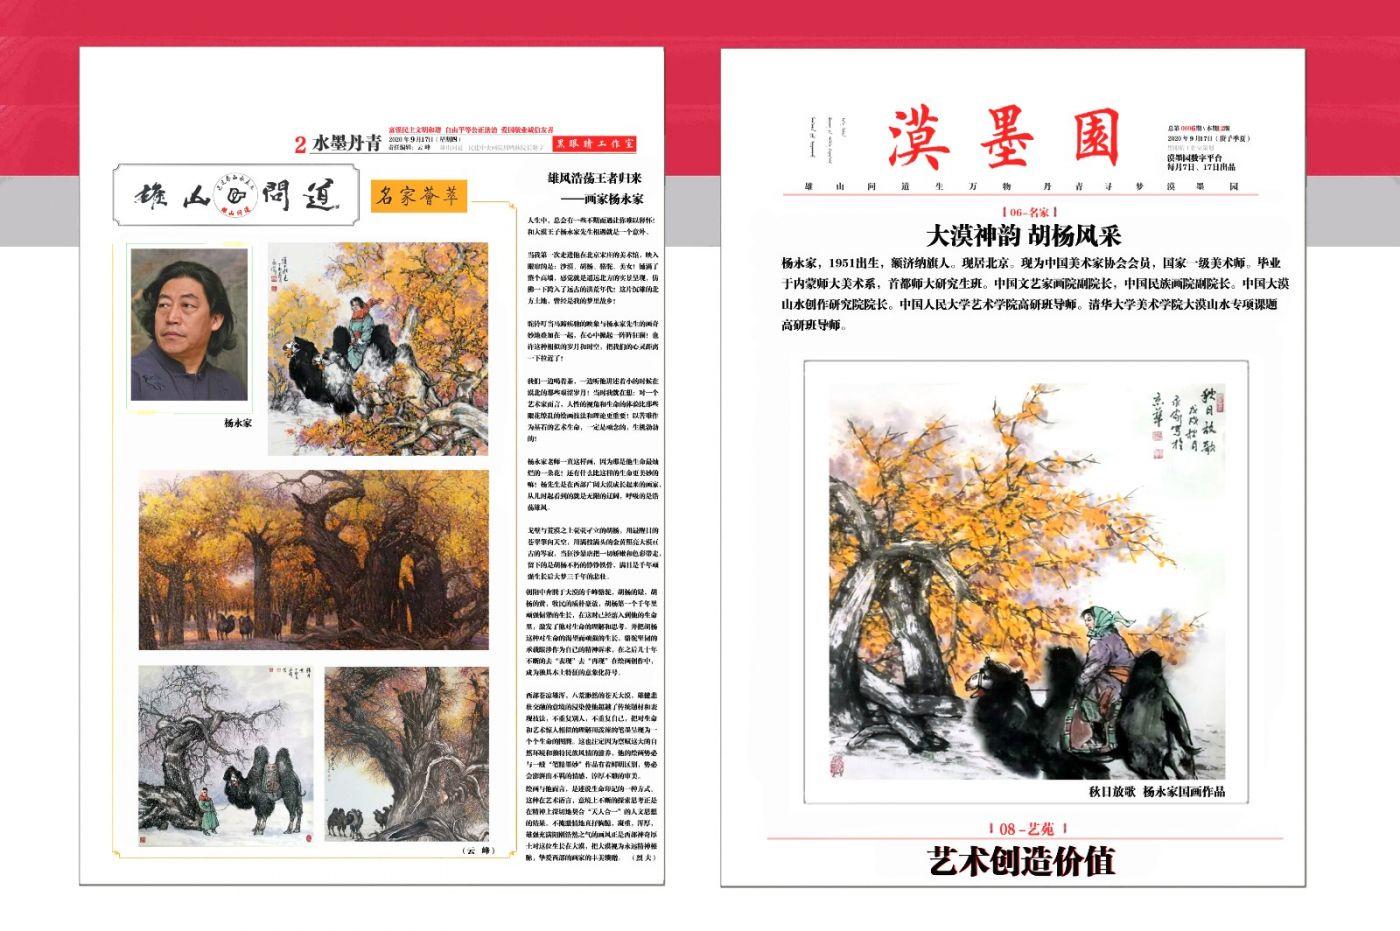 漠墨园艺术数字平台   总第六期_图1-1